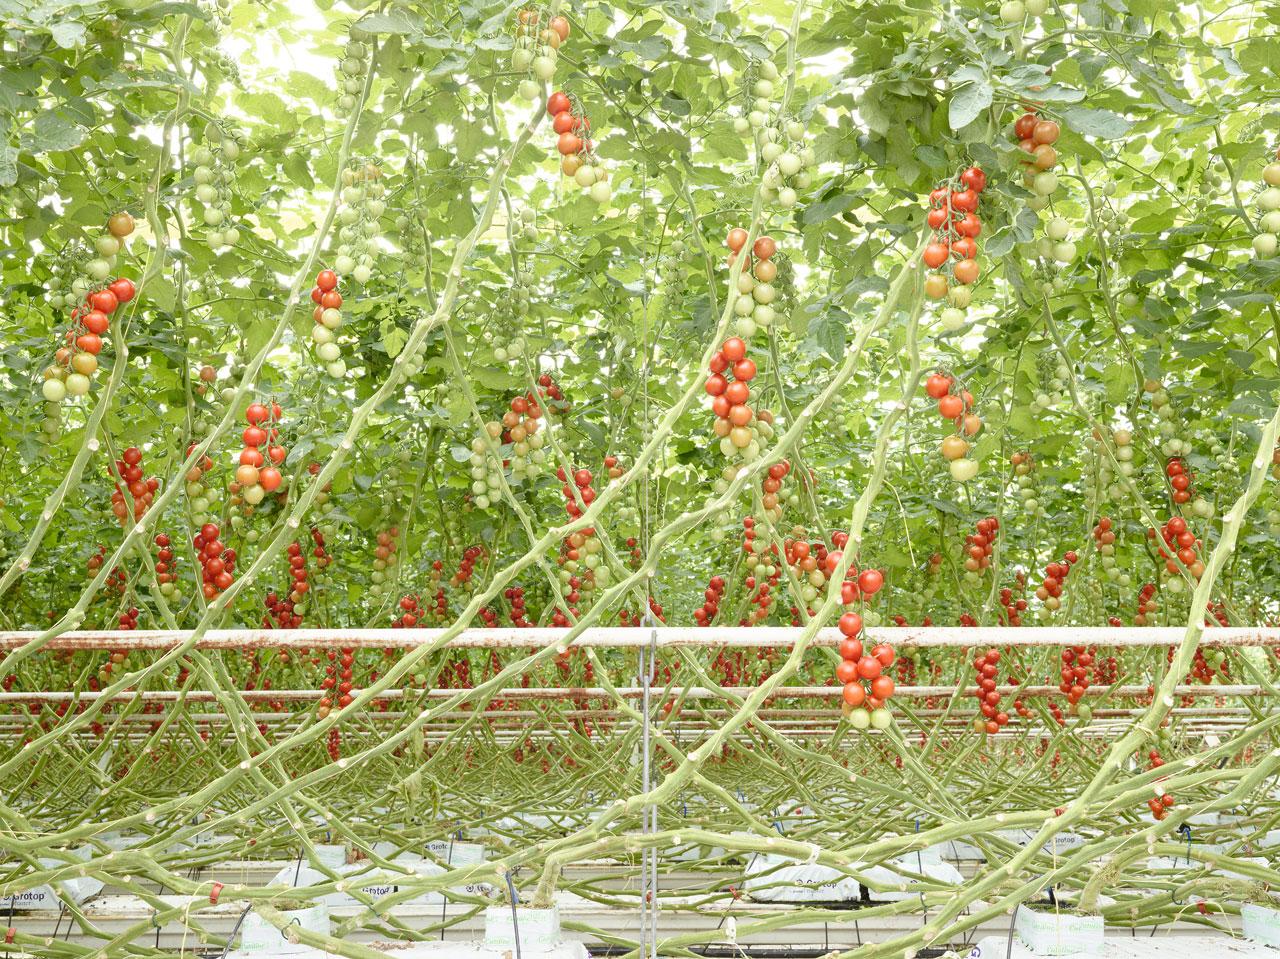 Nur noch in Steinwolle verwurzelt: Eine wie die andere wachsen die Tomaten im geregelten Klima eines Hochleistungs-Gewächshauses.